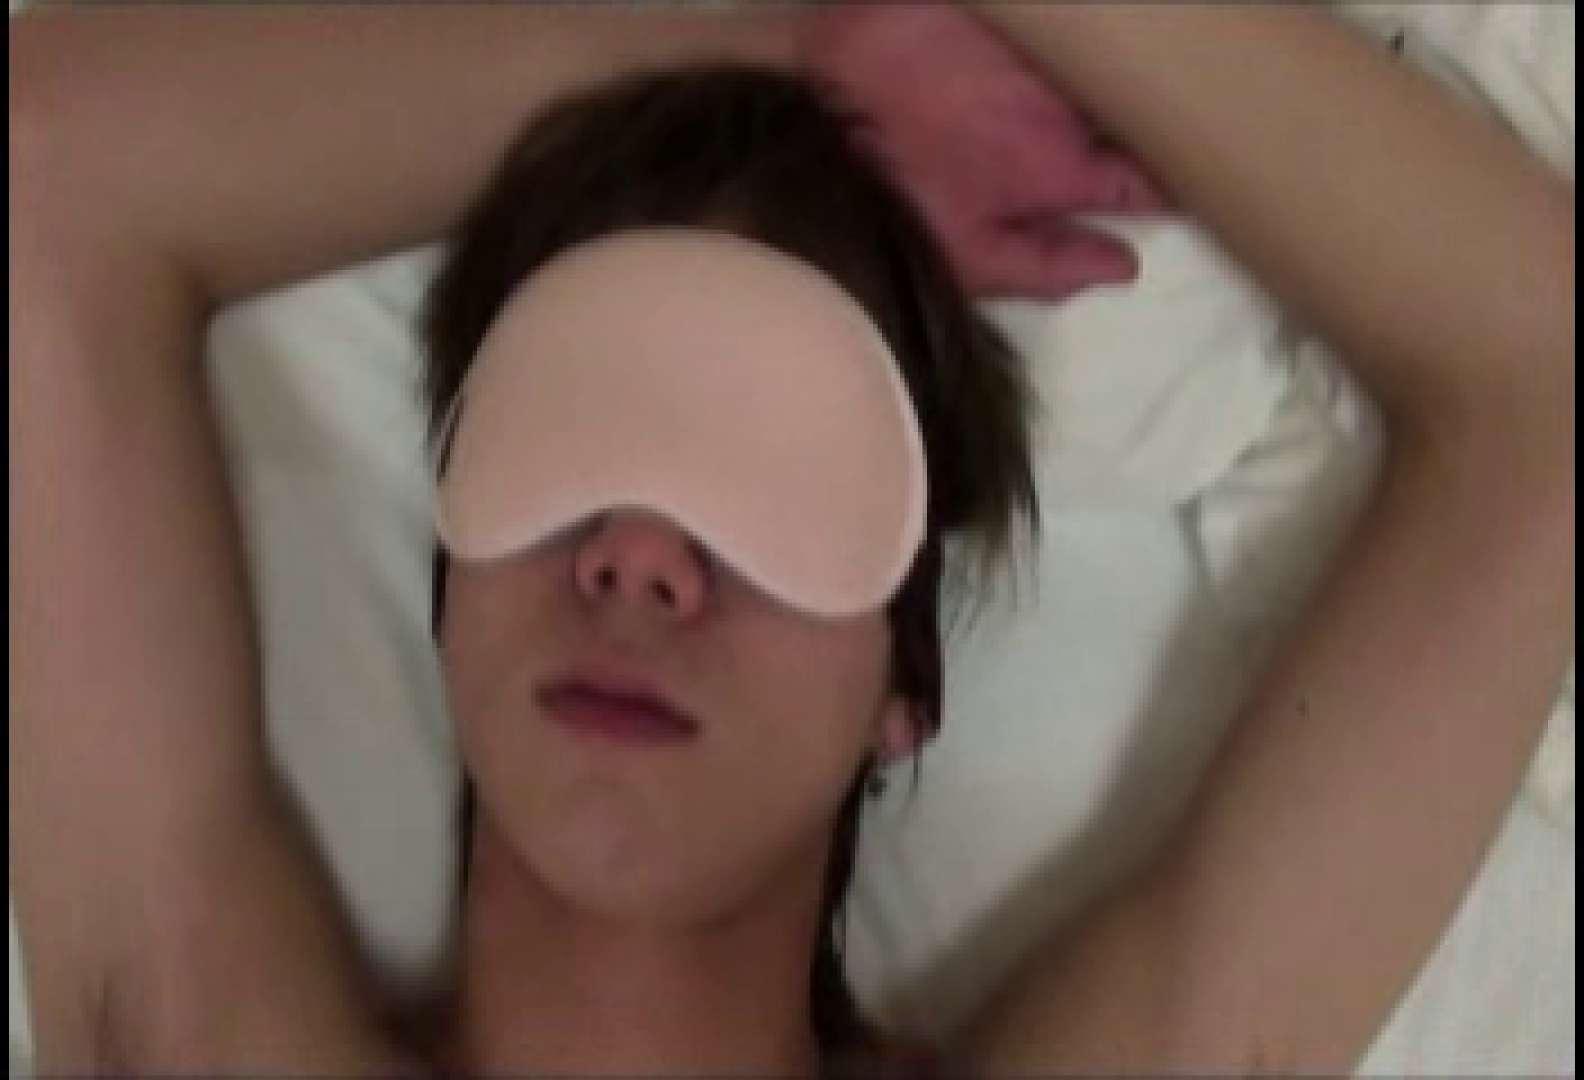 アイマスクでおもいっきり性感帯!!vol.05 ハメ撮り特集 ゲイエロビデオ画像 85枚 1